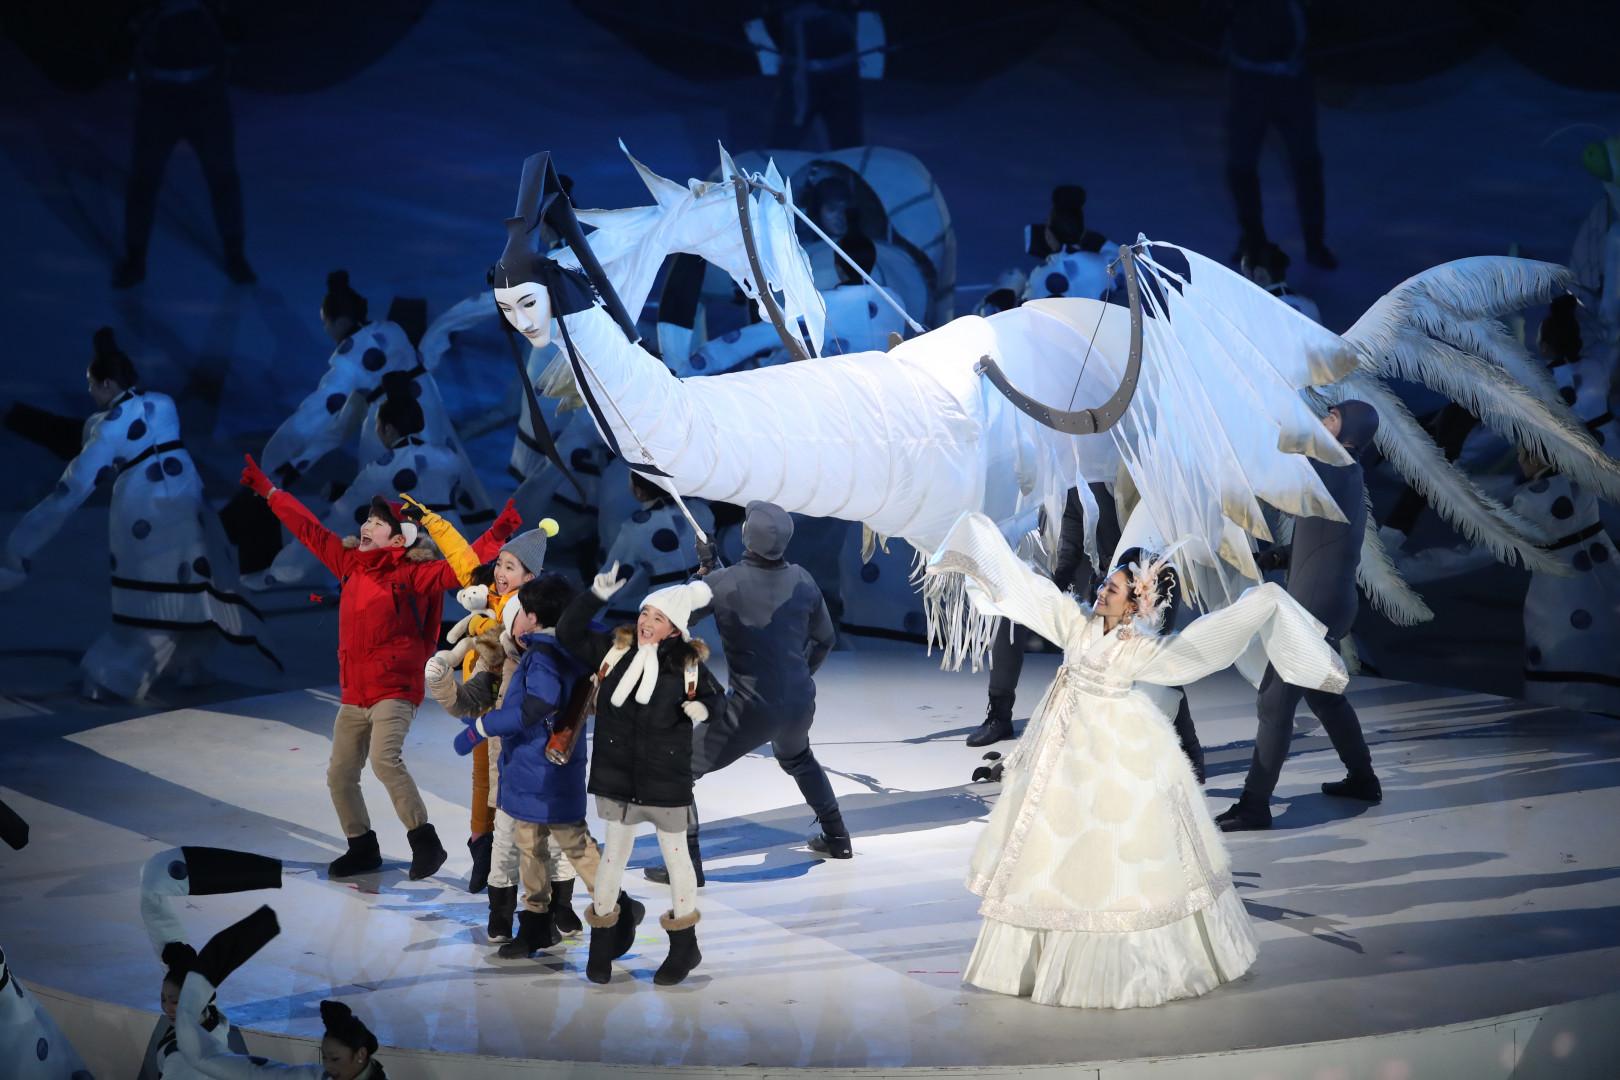 Cinq enfants out lancé cette cérémonie d'ouverture de Pyeongchang